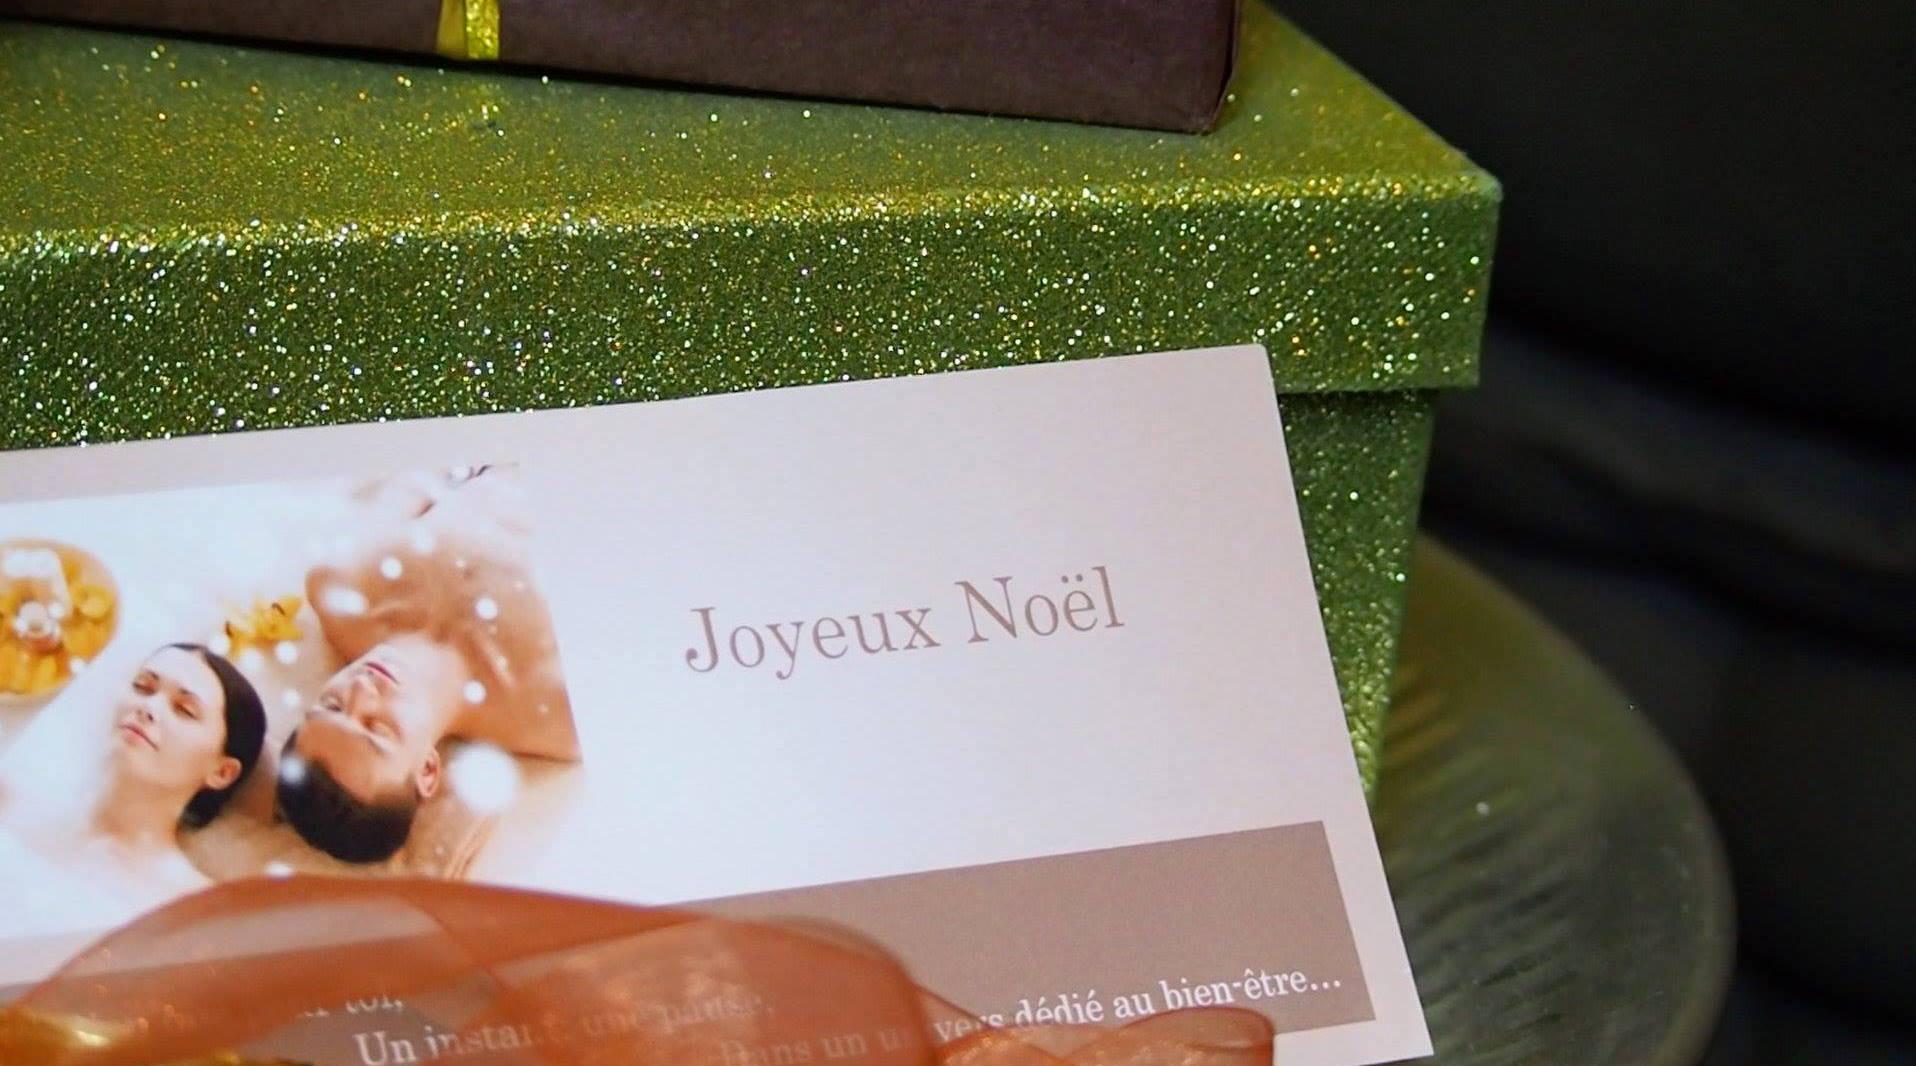 En avant première, voici nos bons cadeaux pour les fêtes de fin d'année....